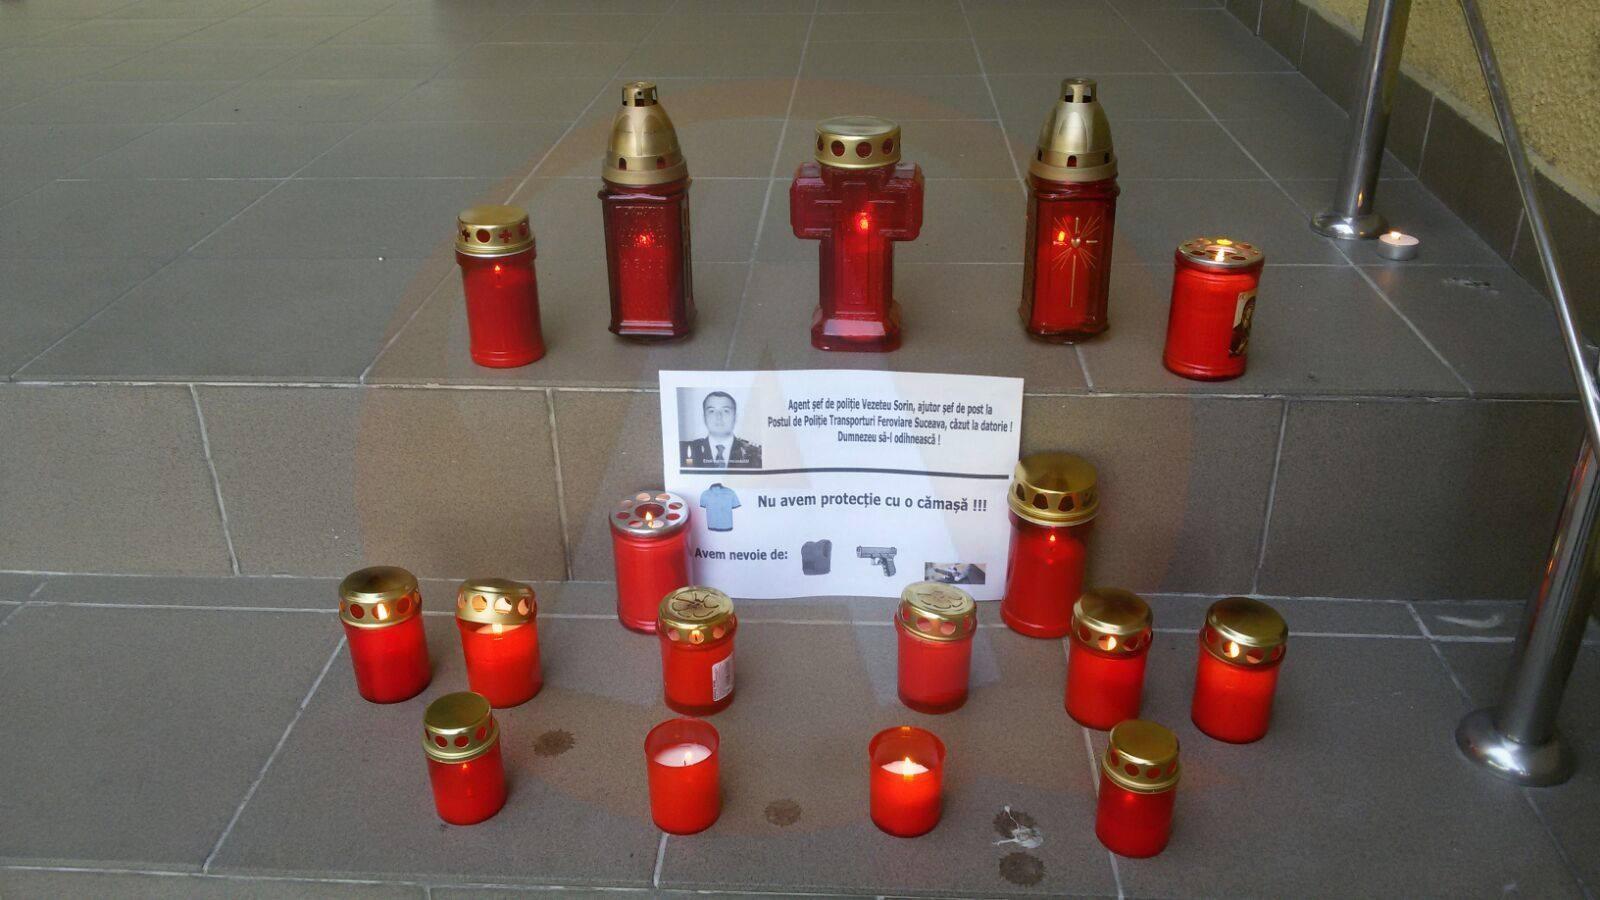 Polițiștii din Călărași au adus un omagiu colegului lor, din Suceava